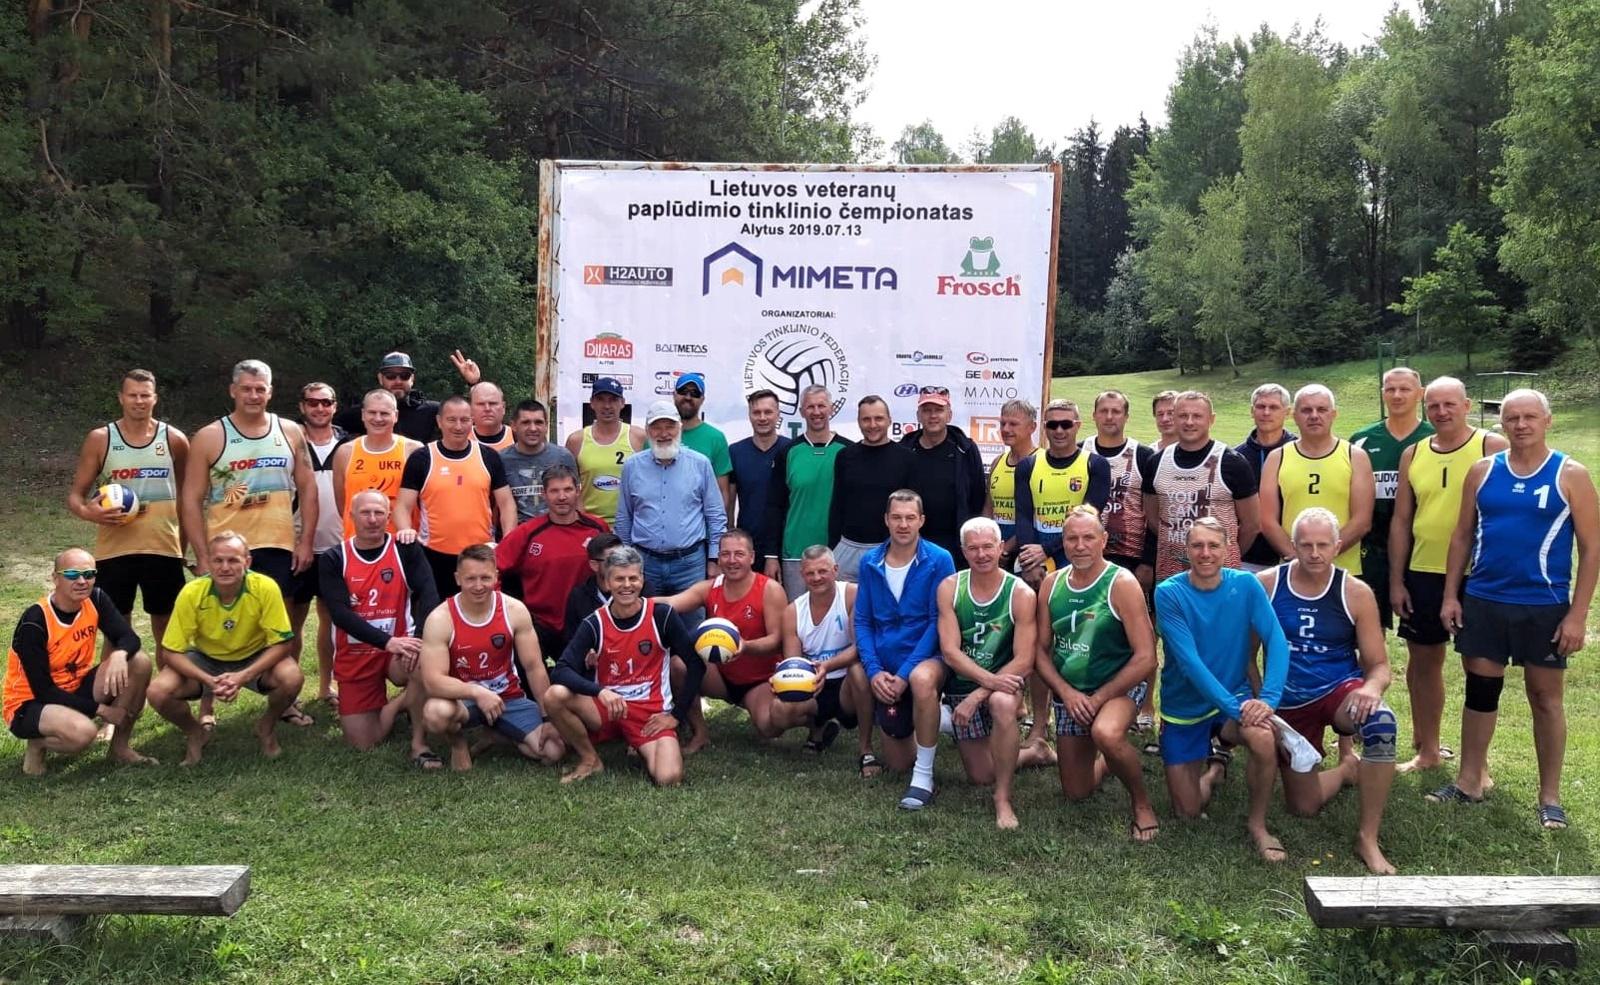 Lietuvos veteranų paplūdimio tinklinio čempionato III-etapas Alytuje